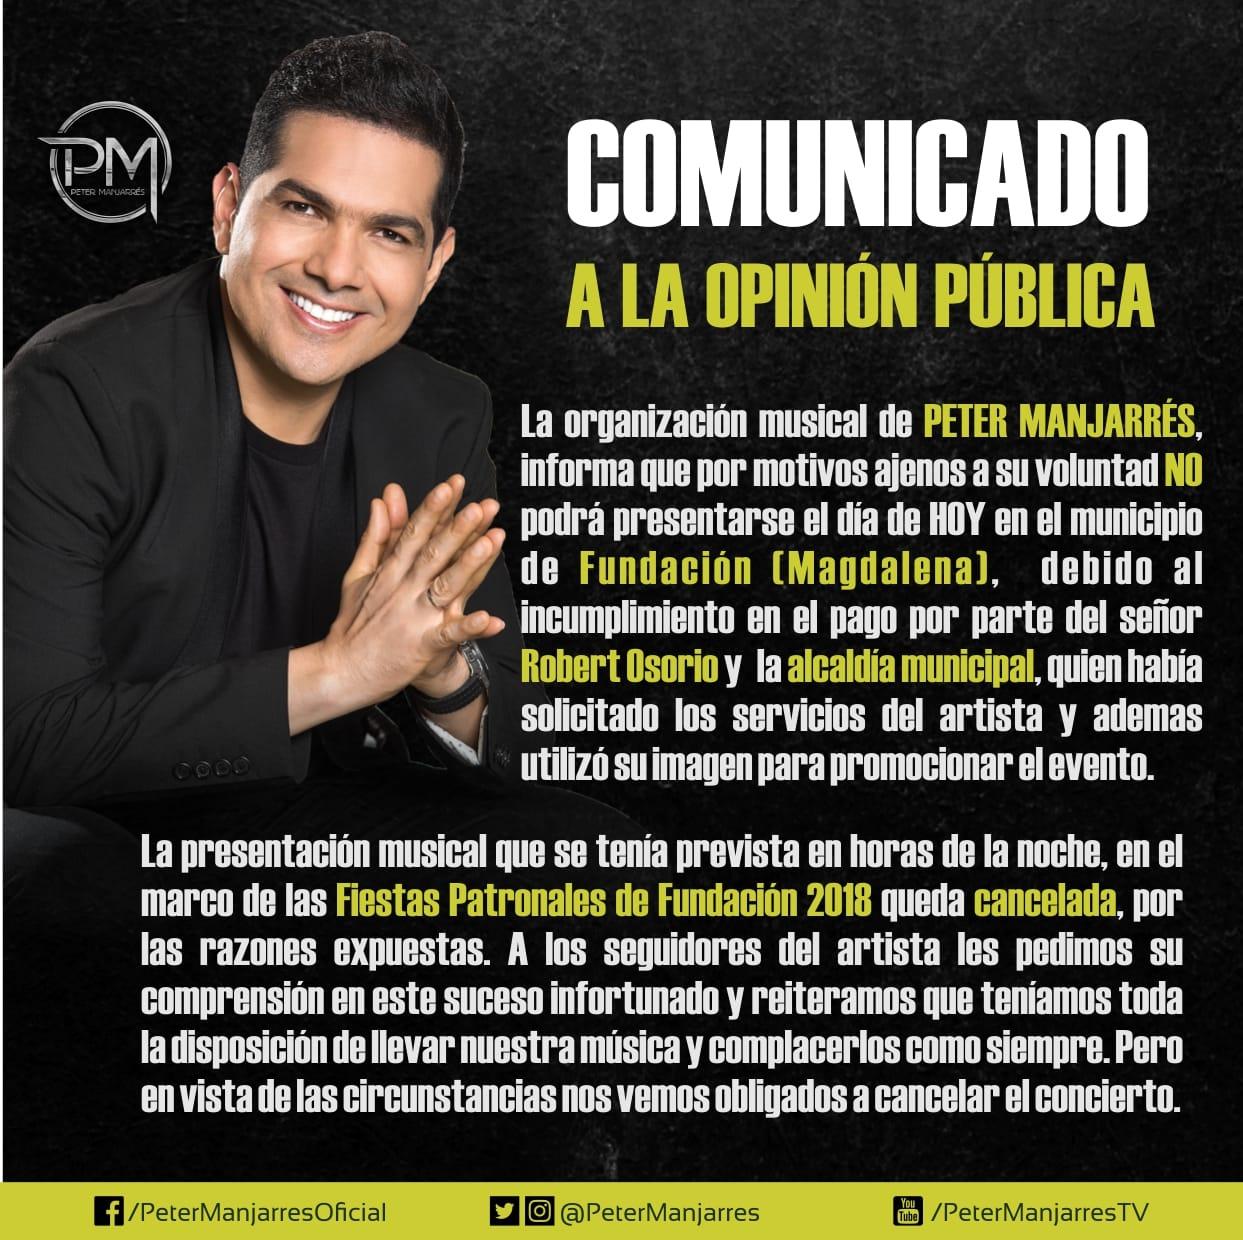 Comunicado oficial de la organización Peter Majarres.